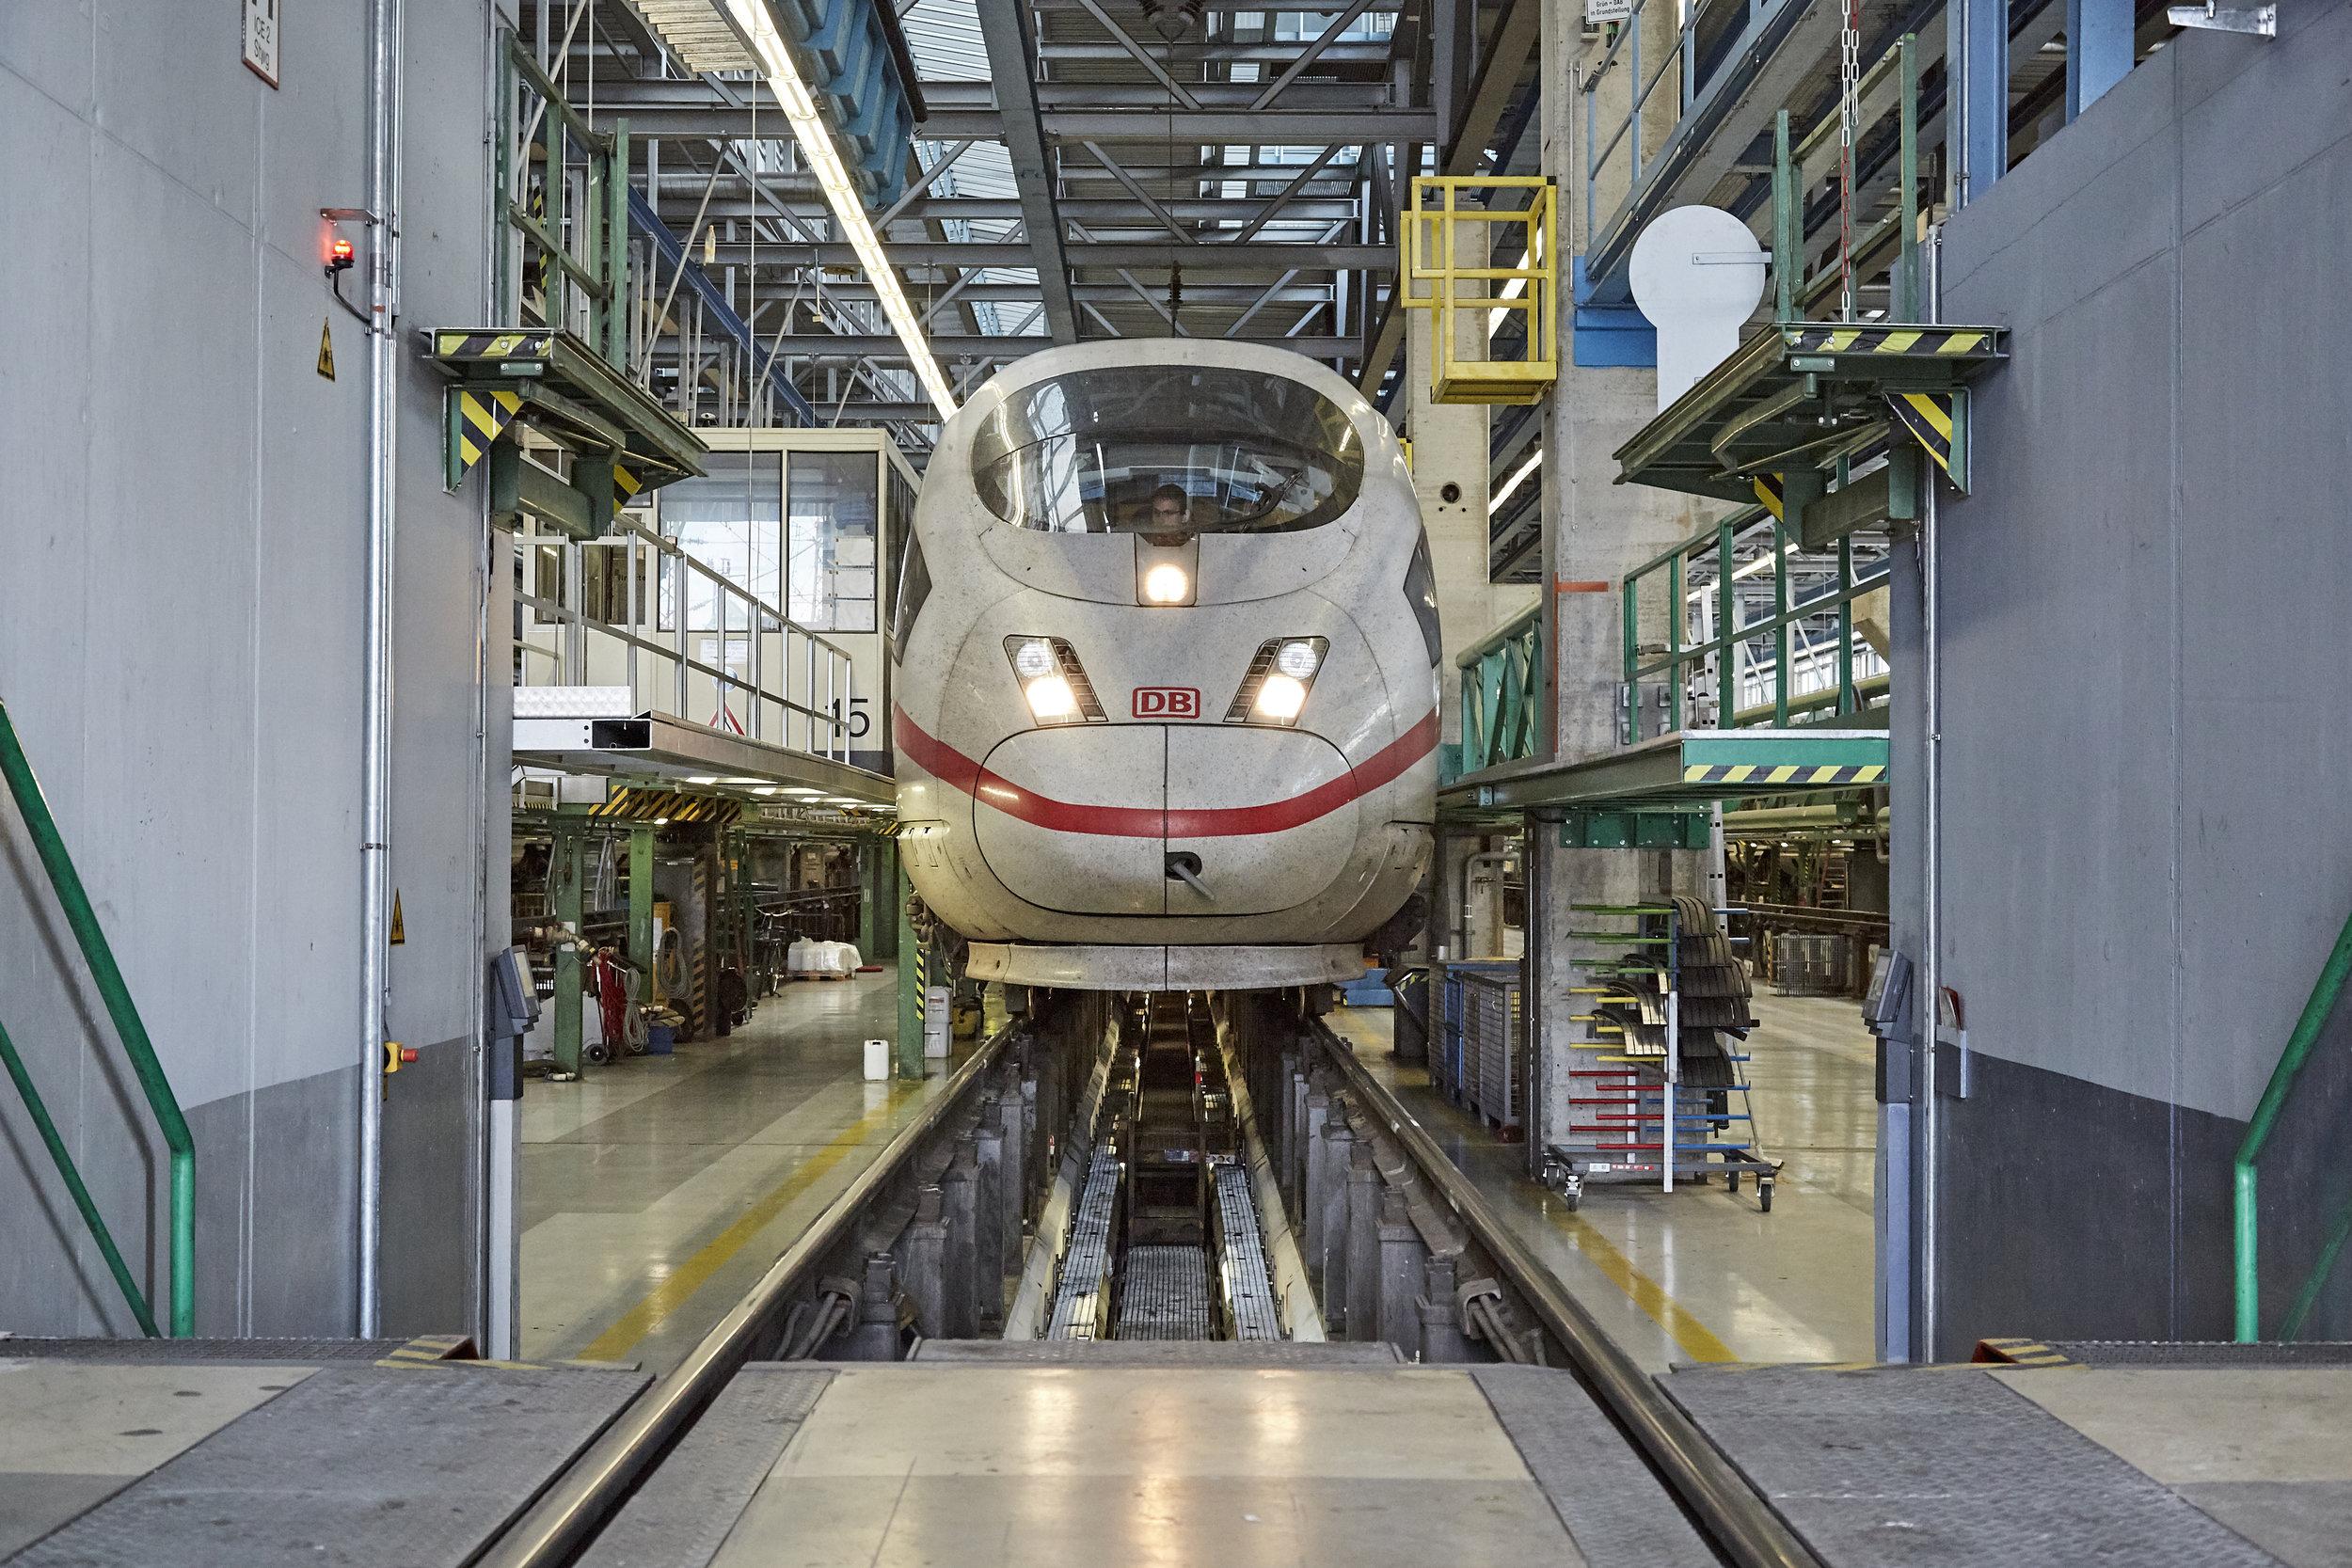 DB / WLAN Wartung - Einbau von WiFi Routern zur Internetnutzung für Fahrgäste in ICE Zügen